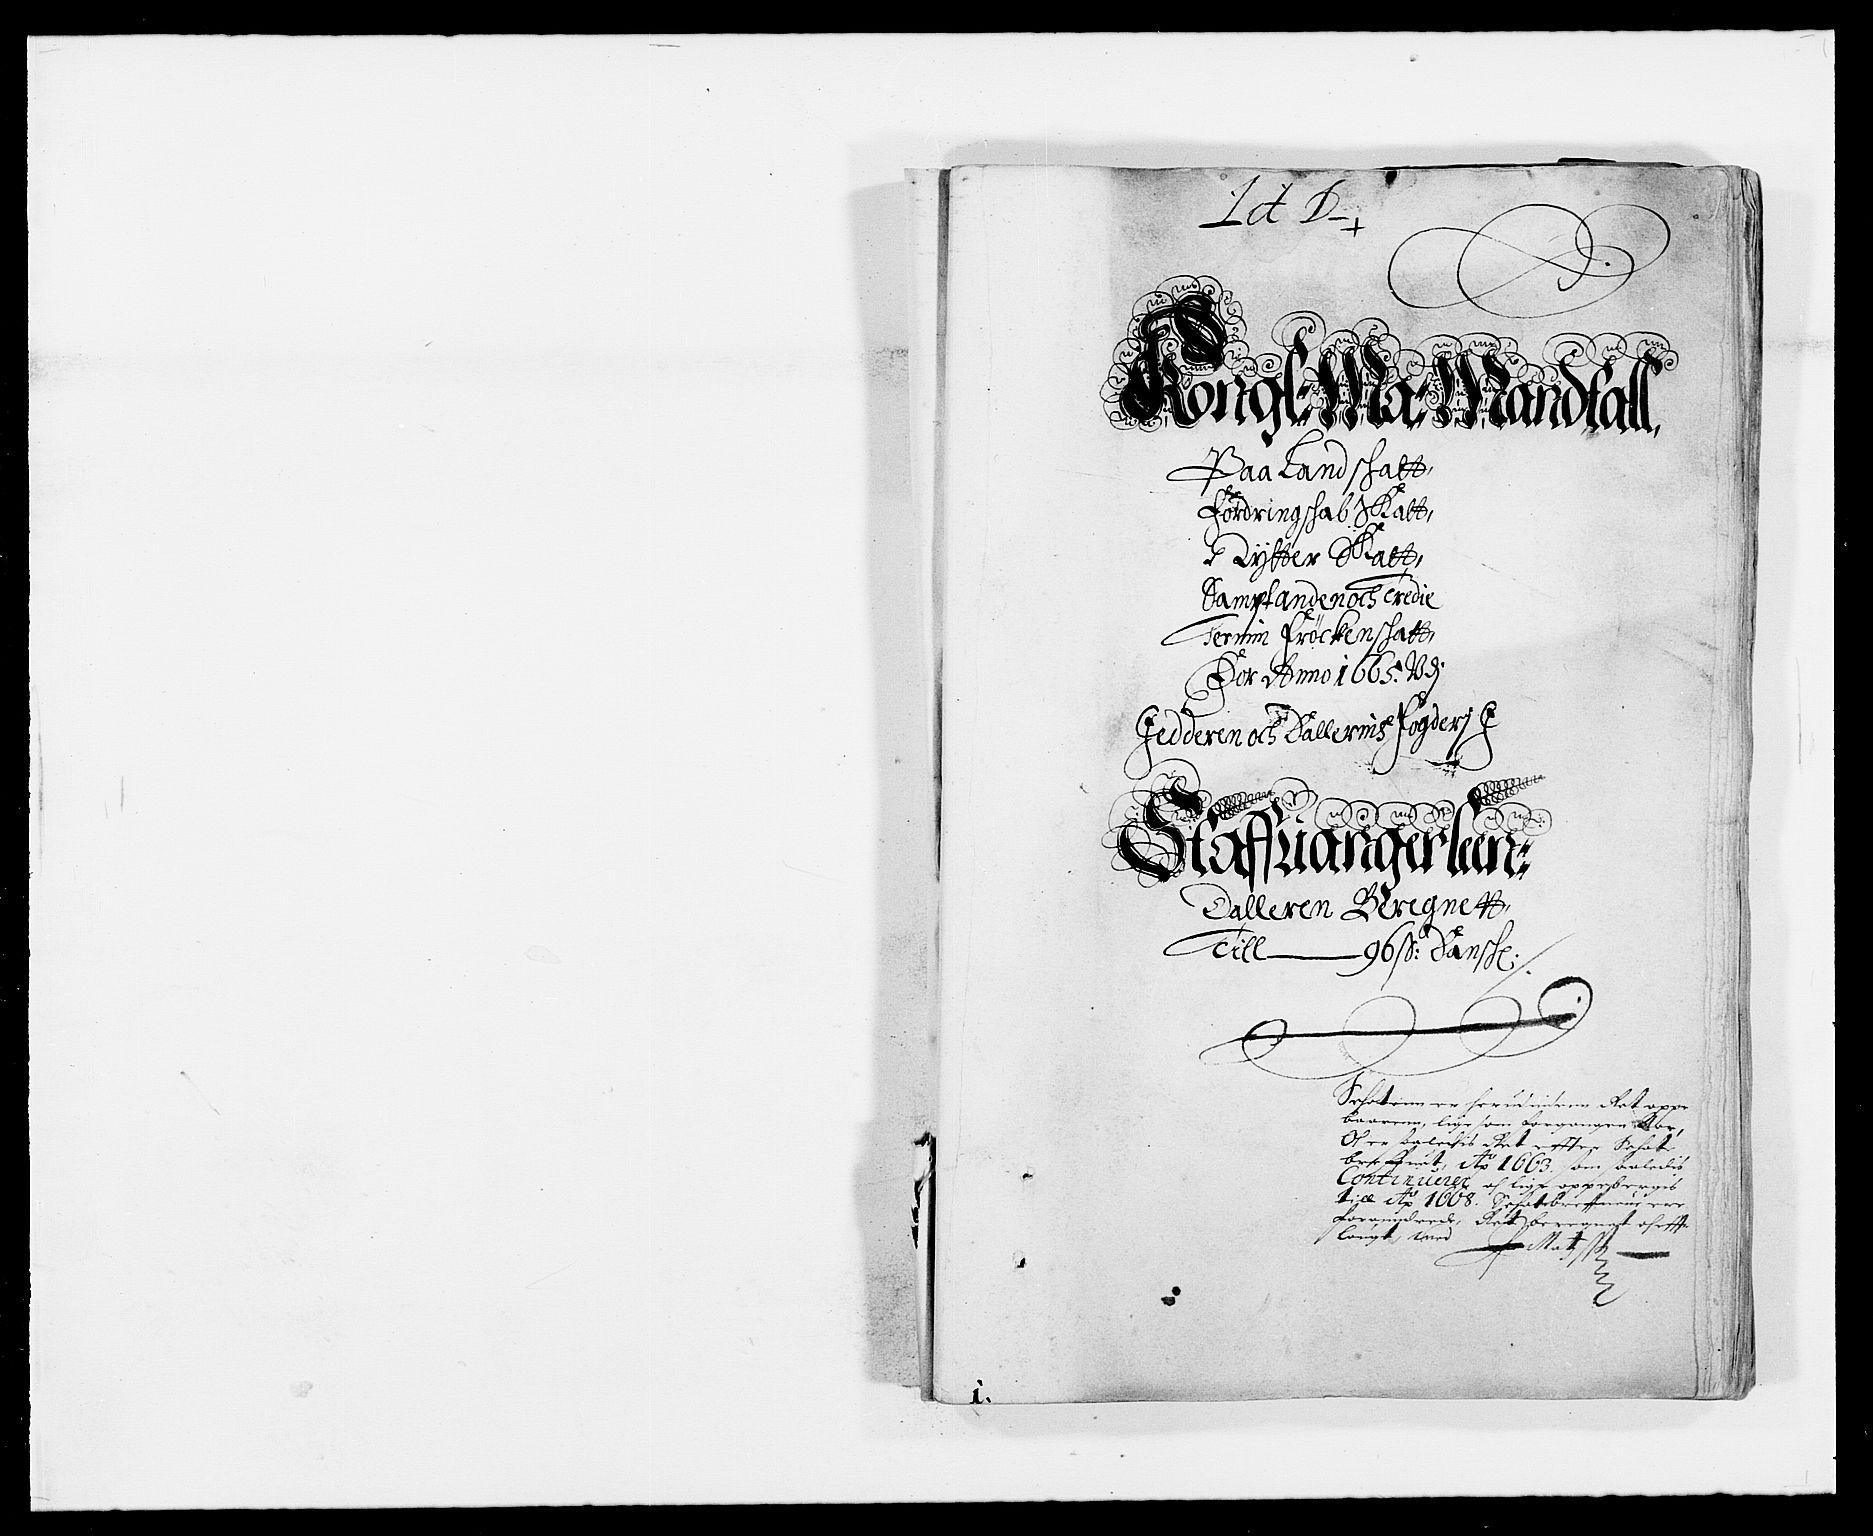 RA, Rentekammeret inntil 1814, Reviderte regnskaper, Fogderegnskap, R46/L2709: Fogderegnskap Jæren og Dalane, 1665-1667, s. 61